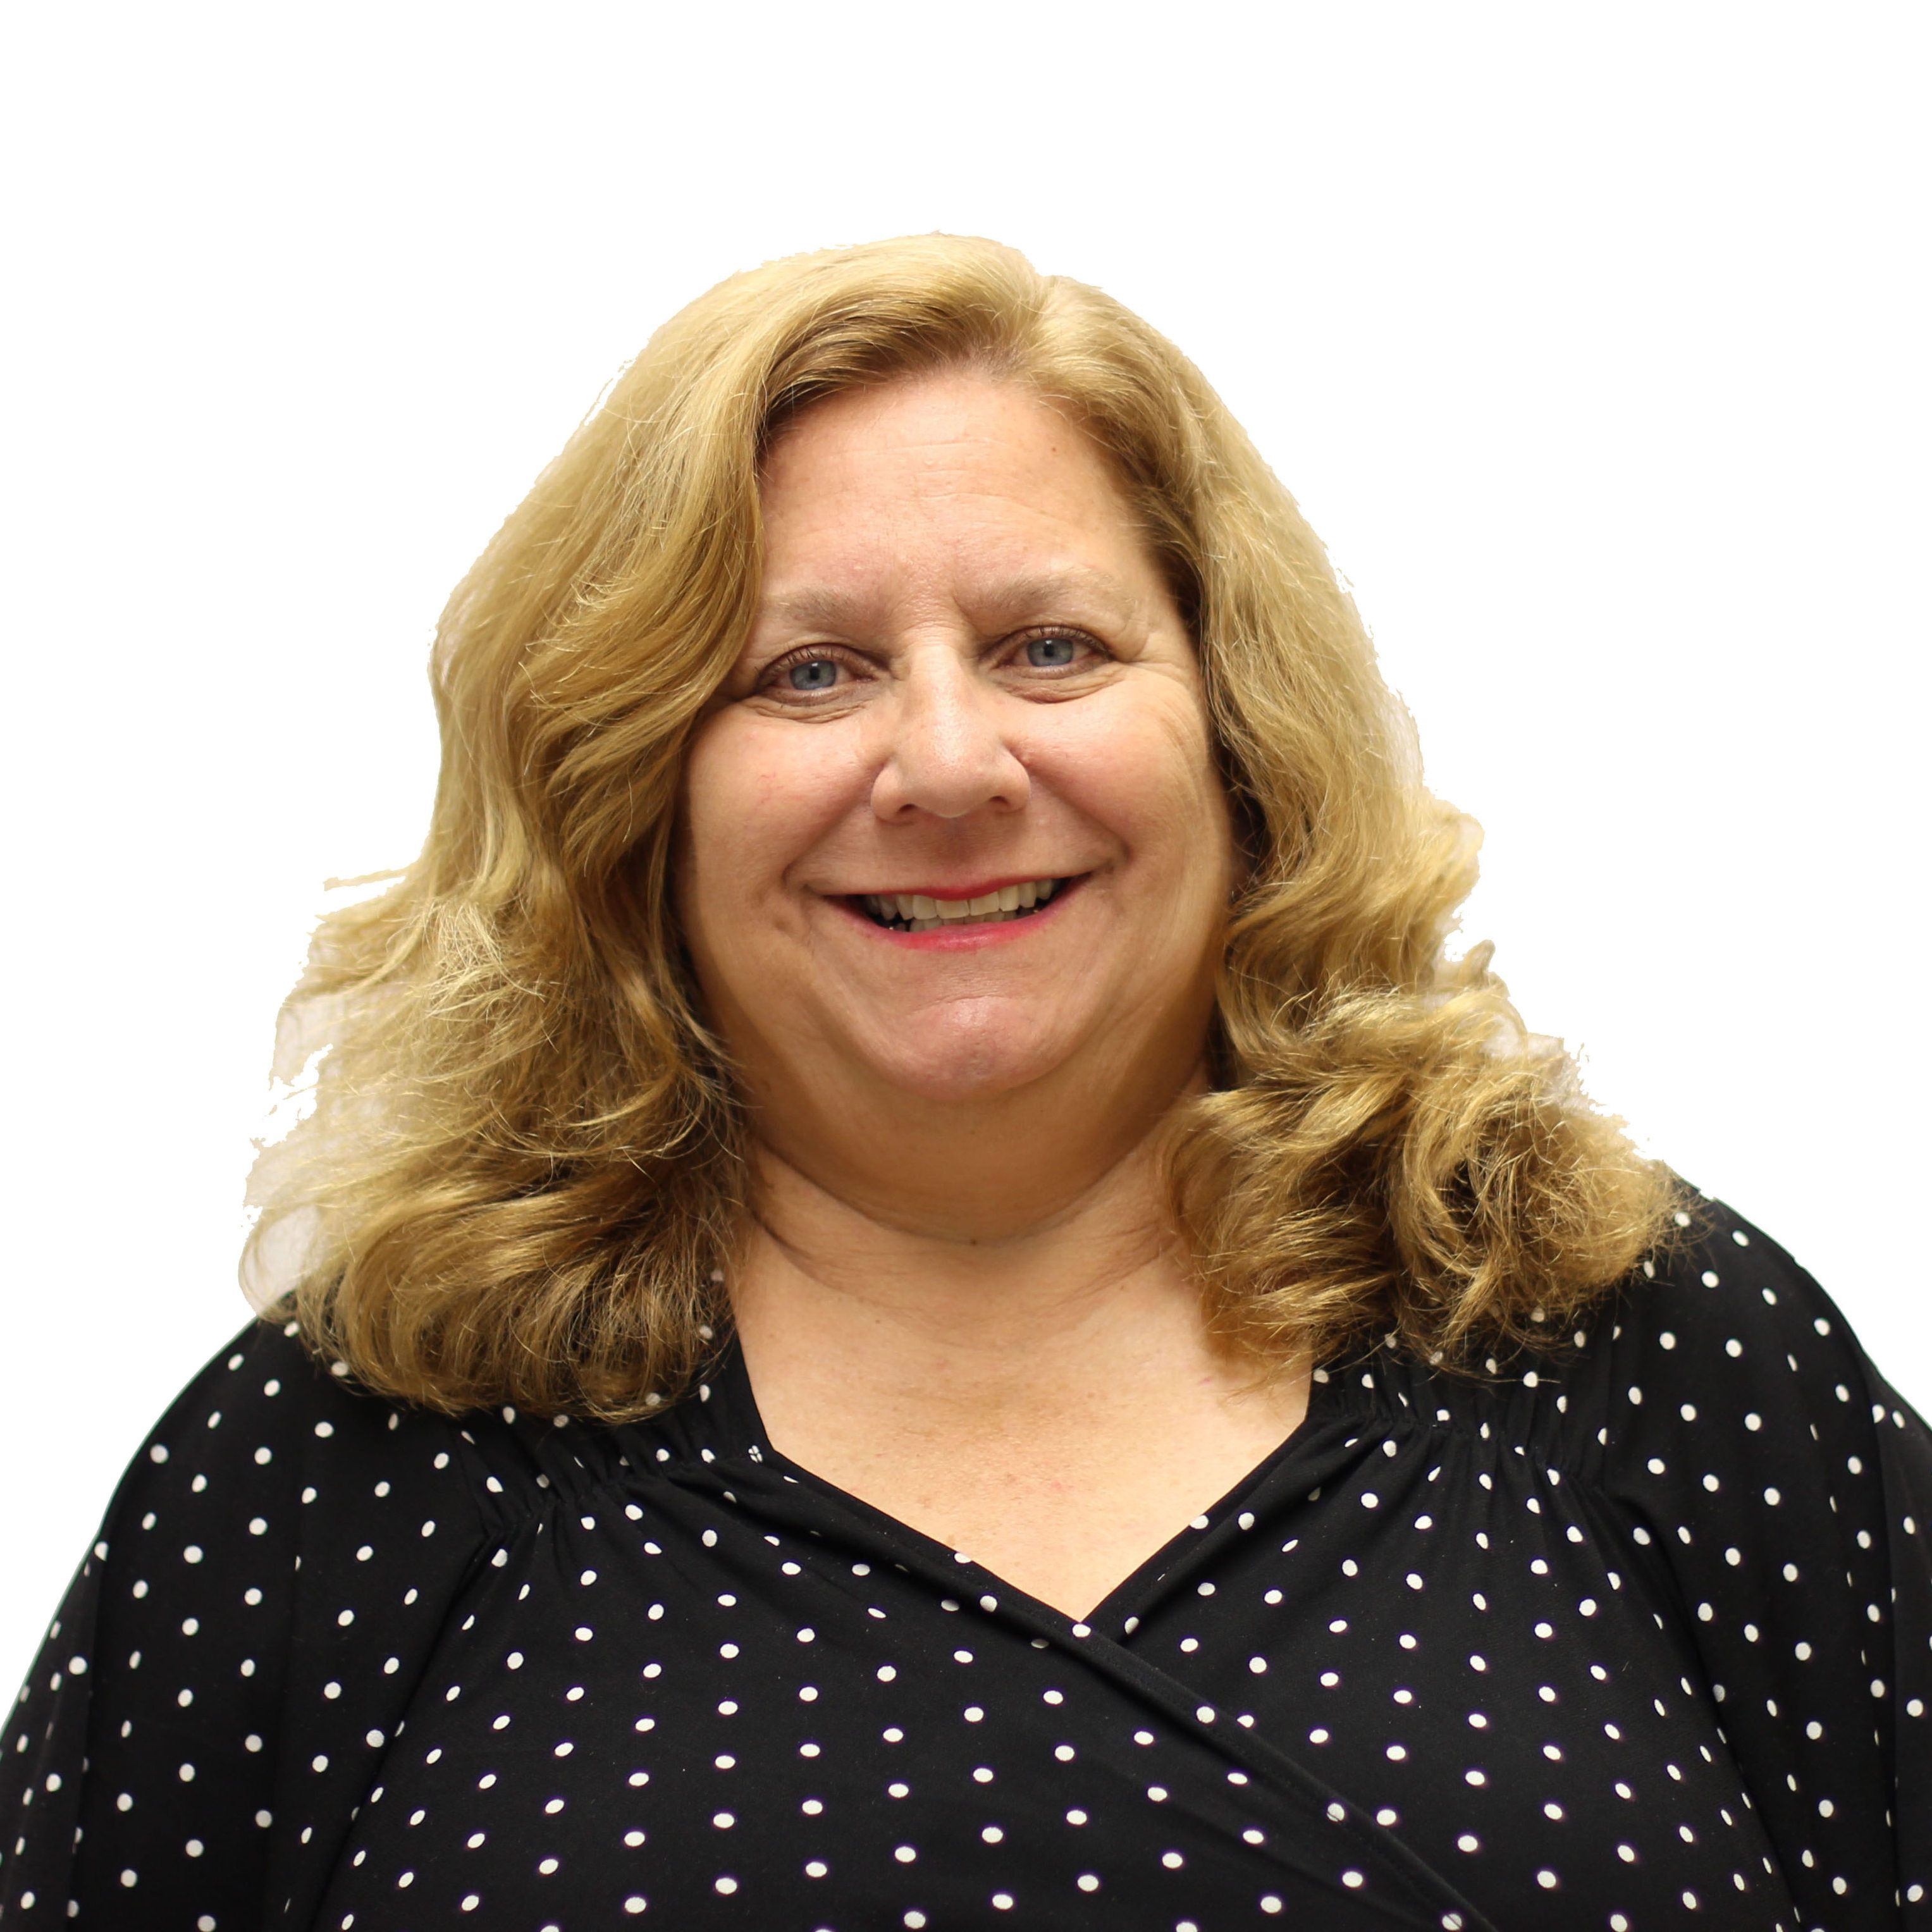 Susan Mergen